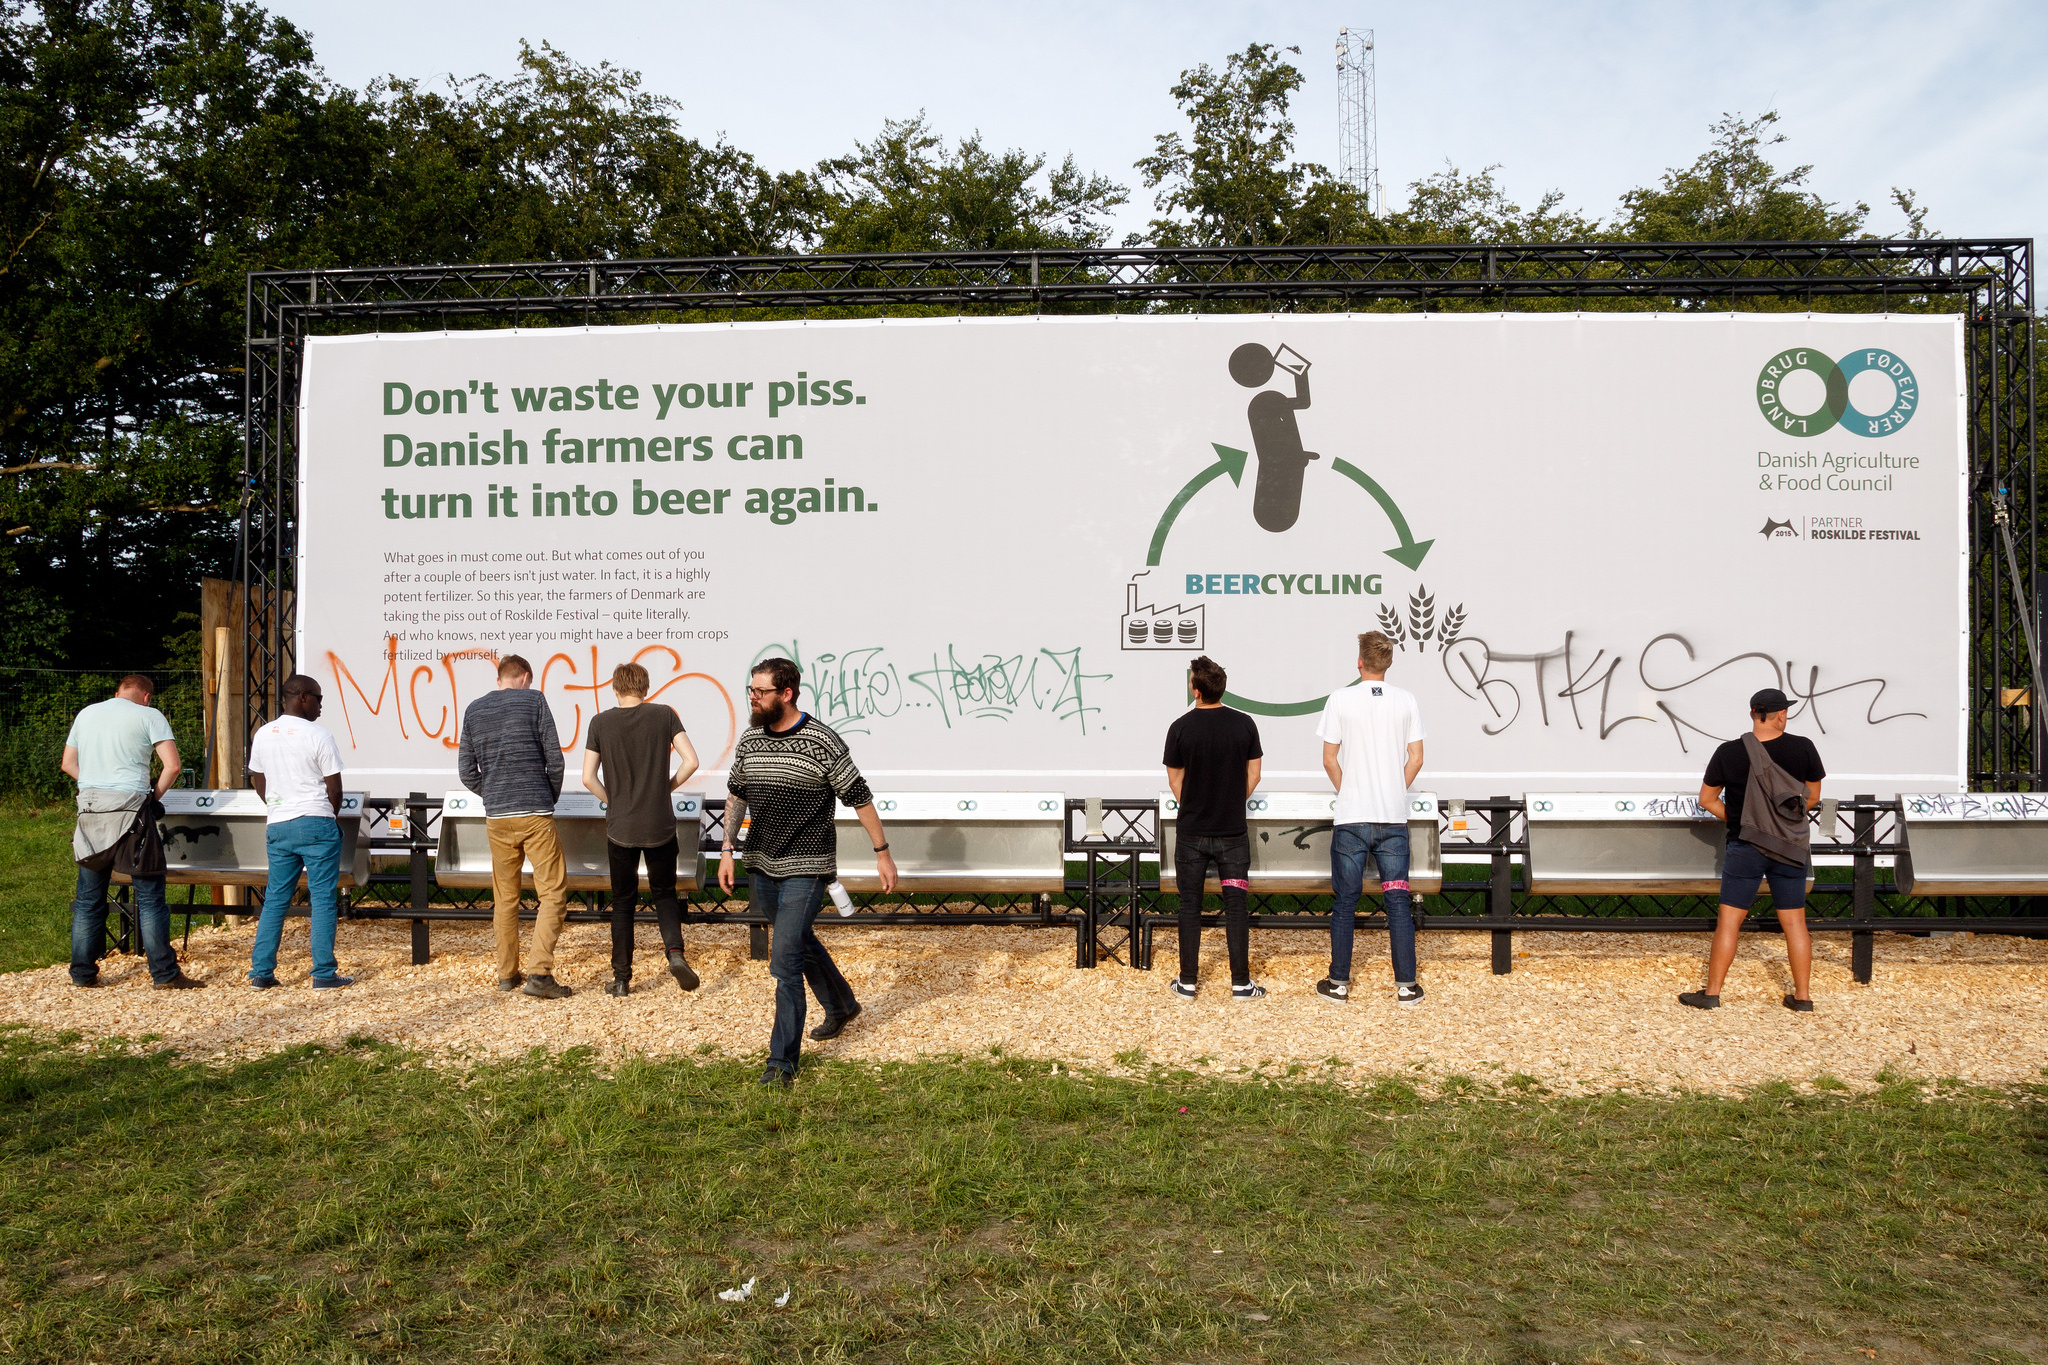 Le festival de Roskilde recycle de l'urine pour faire de la bière